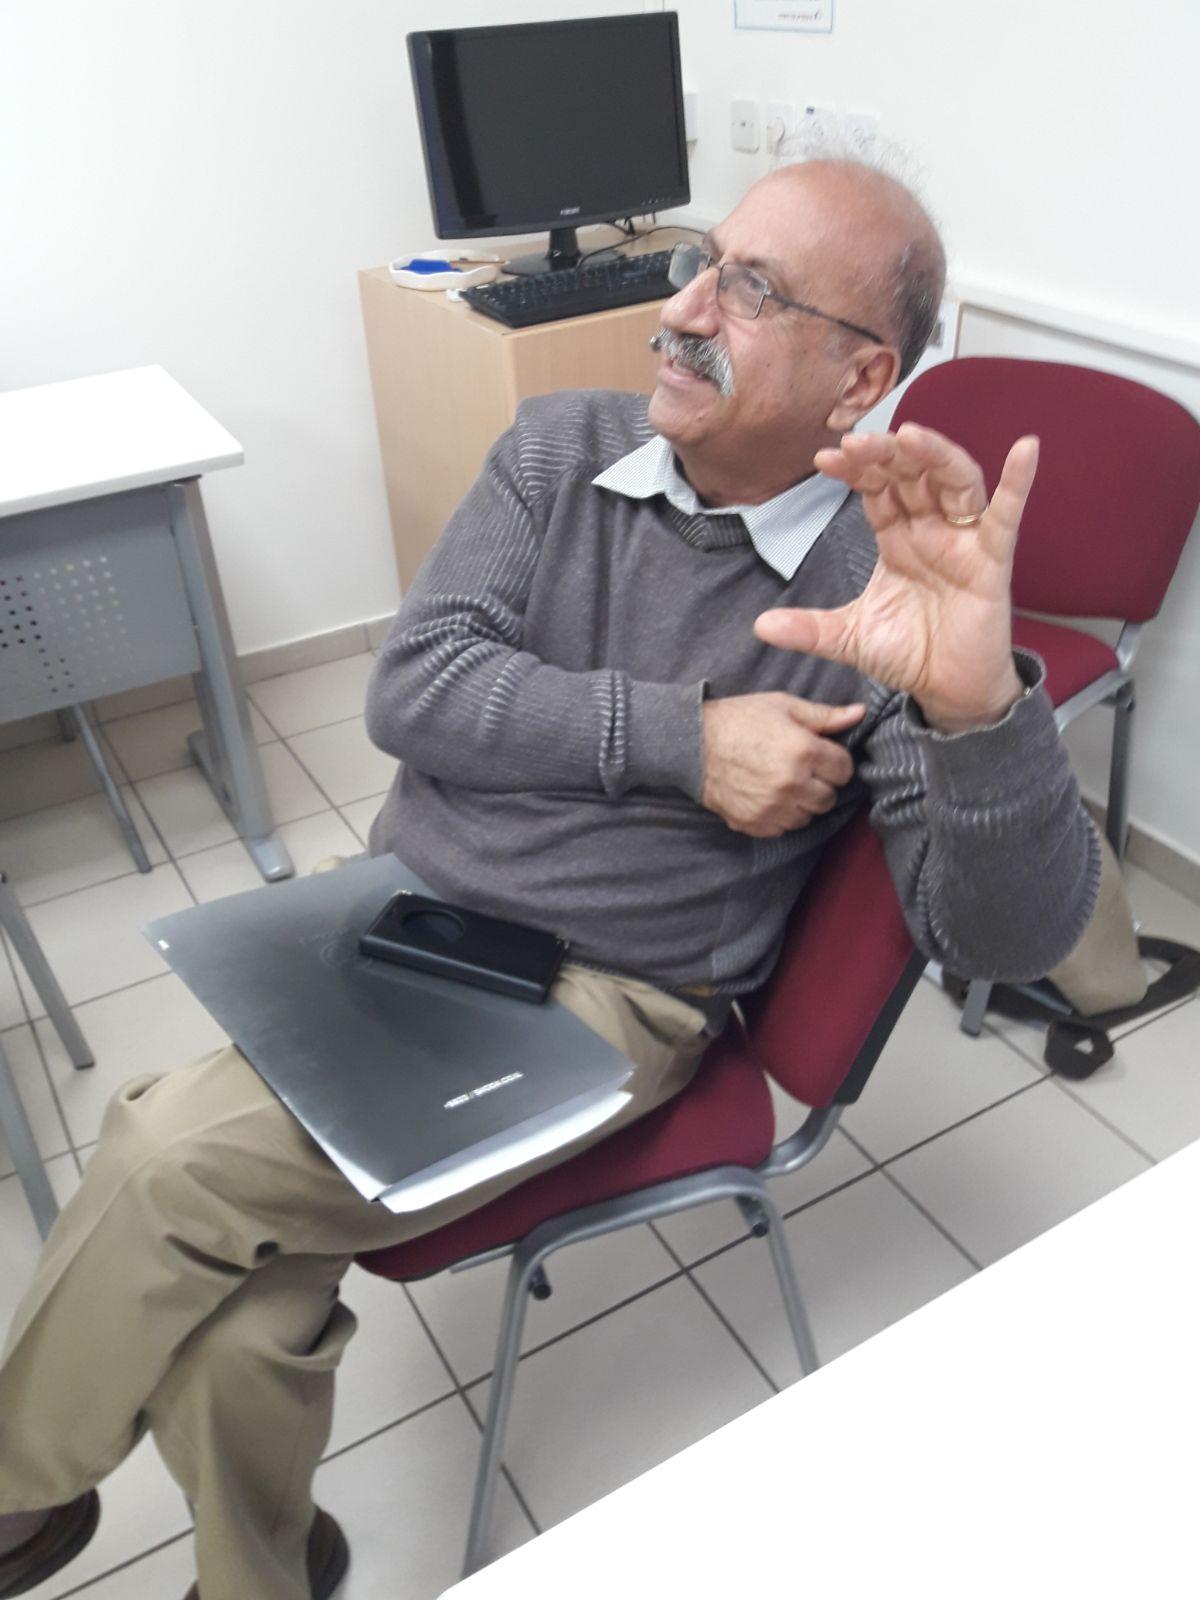 קורס תקשורת מקרבת ורב תרבותיות למורים ערבים ויהודים יחד